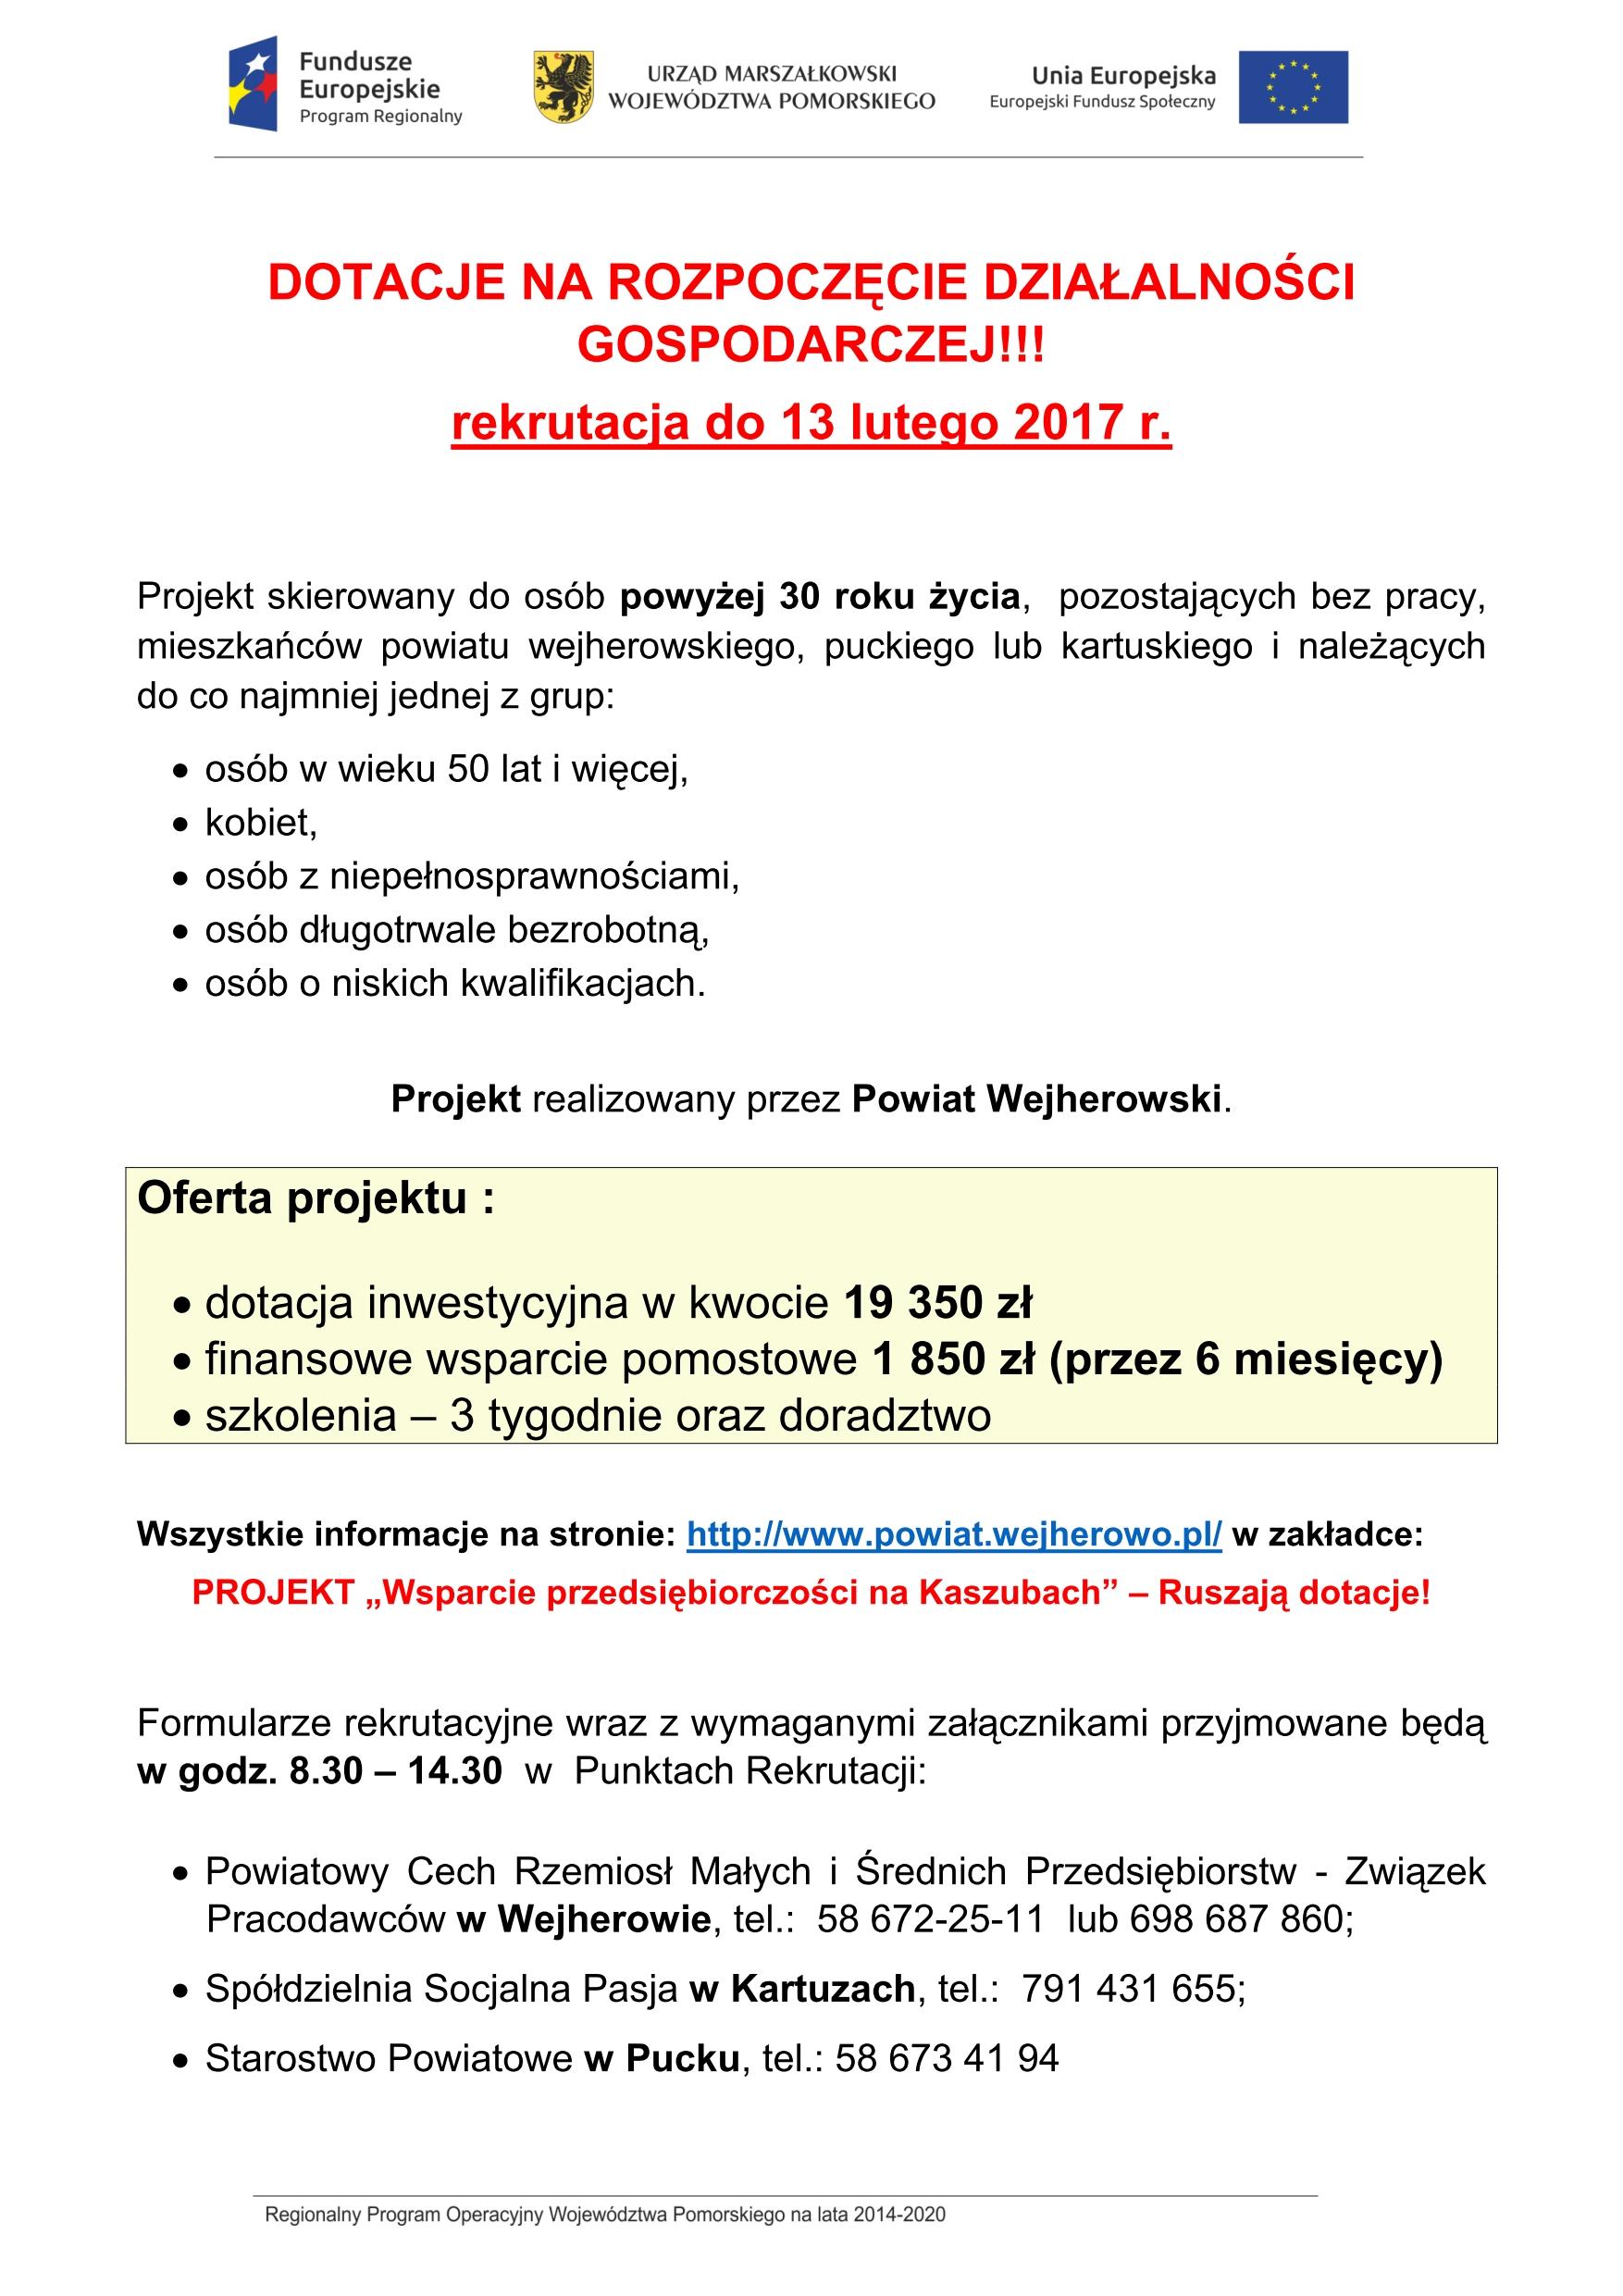 DOTACJE-NA-ROZPOCZĘCIE-DZIAŁALNOŚCI-GOSPODARCZEJ-plakat_01